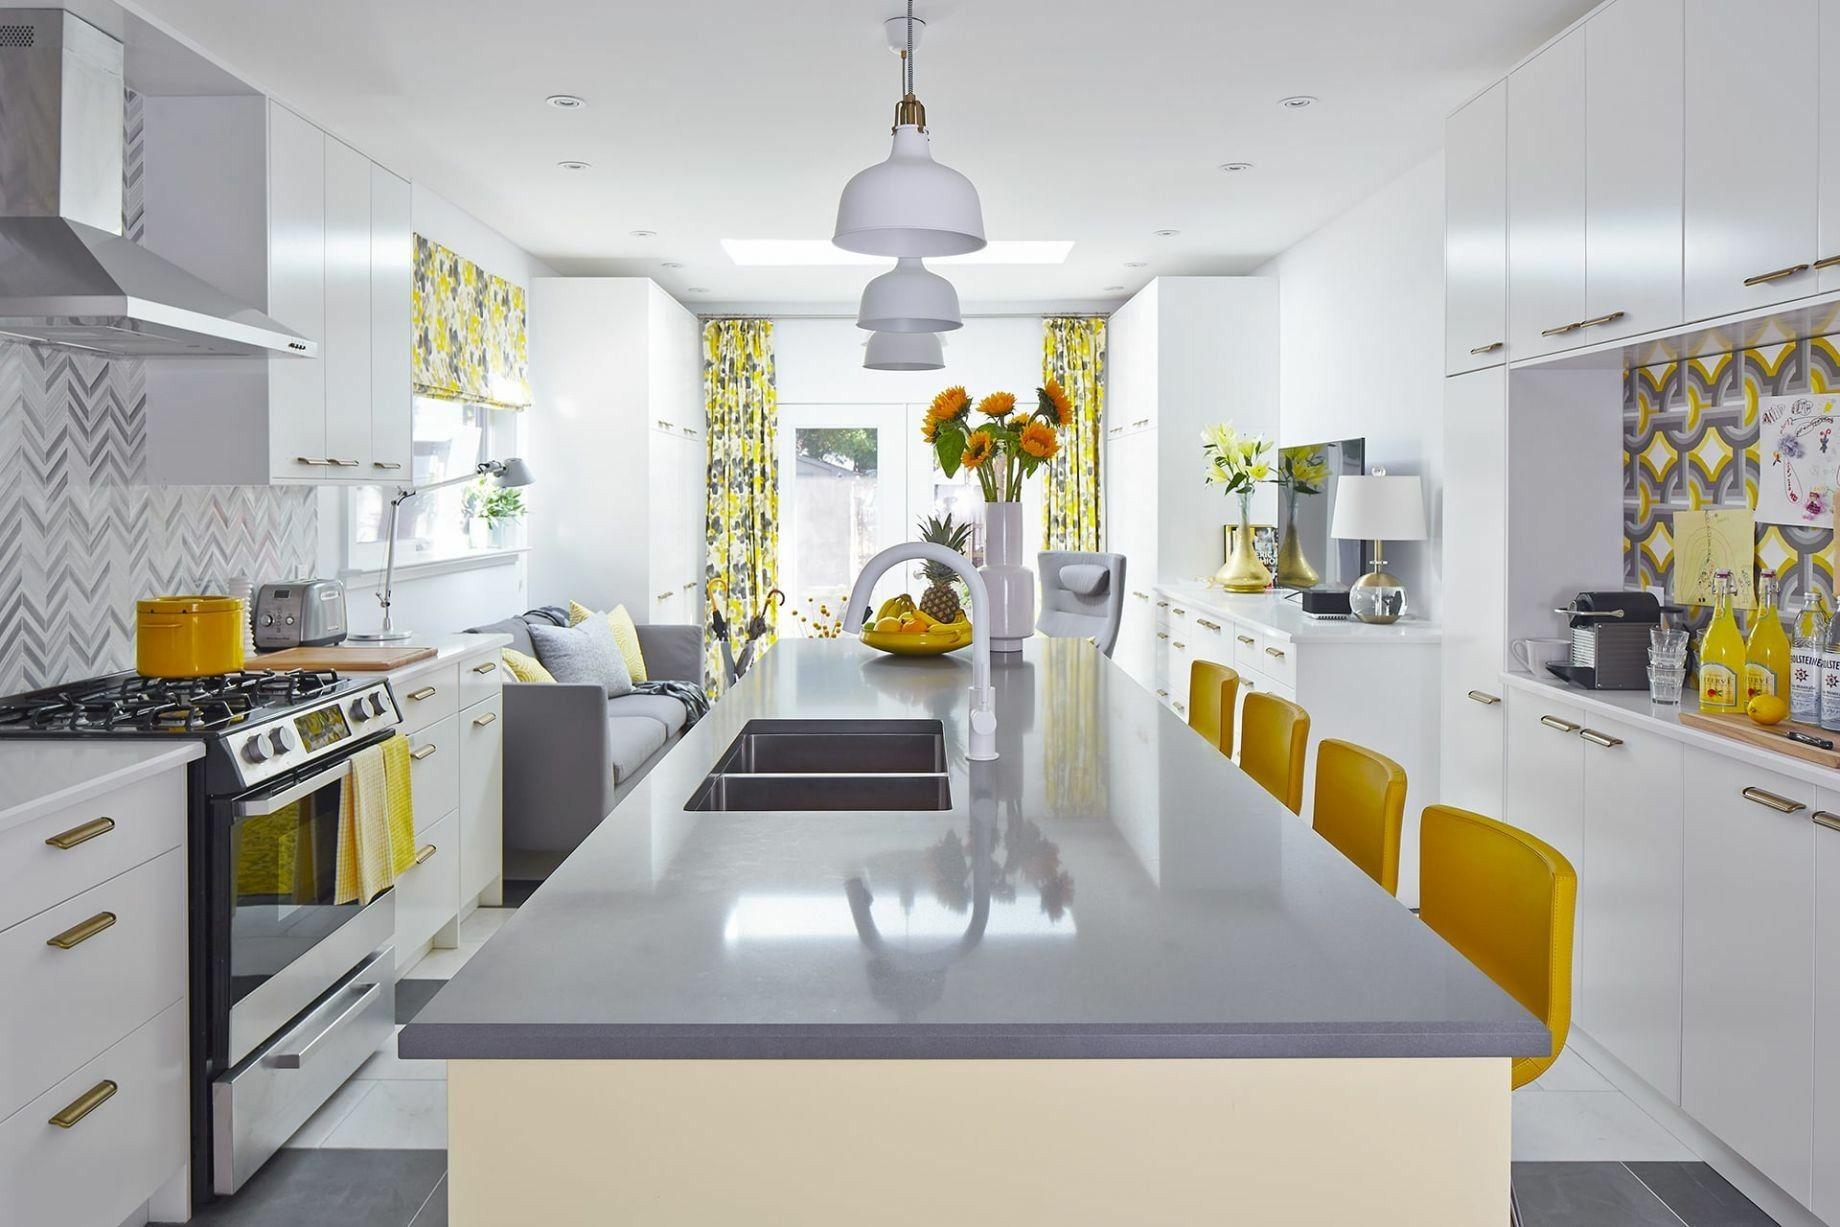 pin by gigi on sarah richardson style white kitchen yellow accents gray and white kitchen on kitchen interior yellow and white id=54814